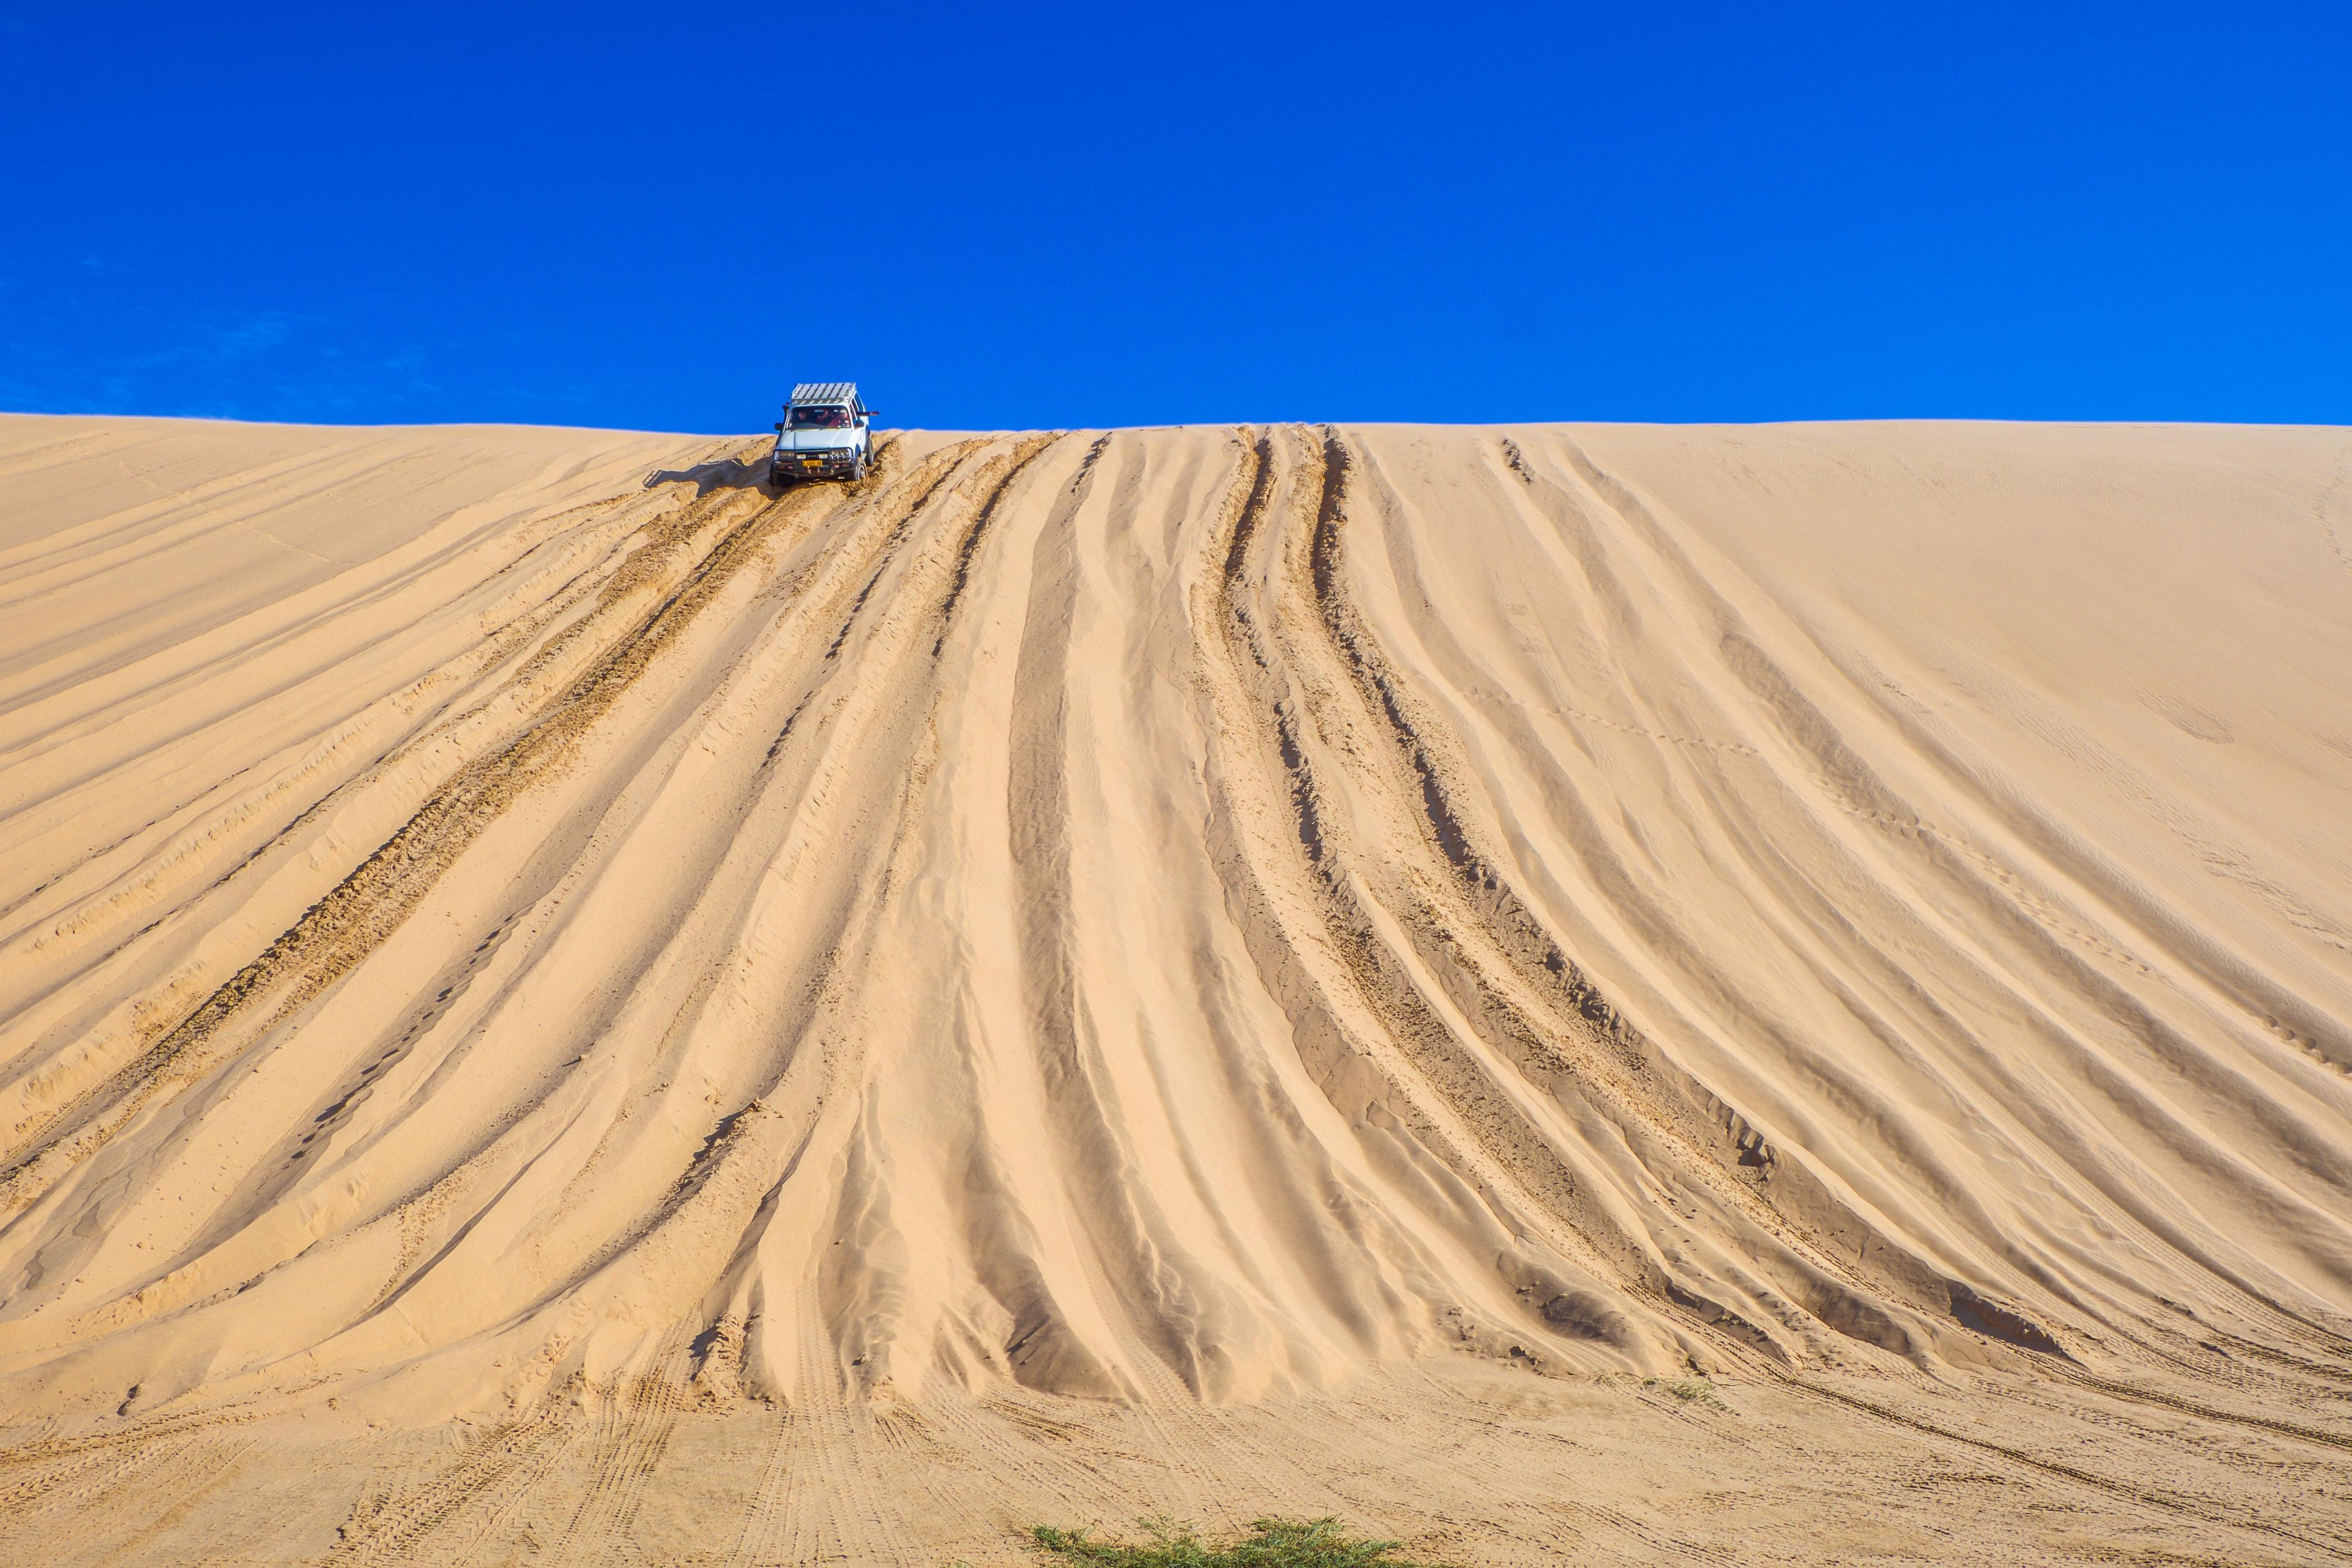 Namibia - den tham thung lung chet, thanh pho ma va dieu khong tuong hinh anh 17